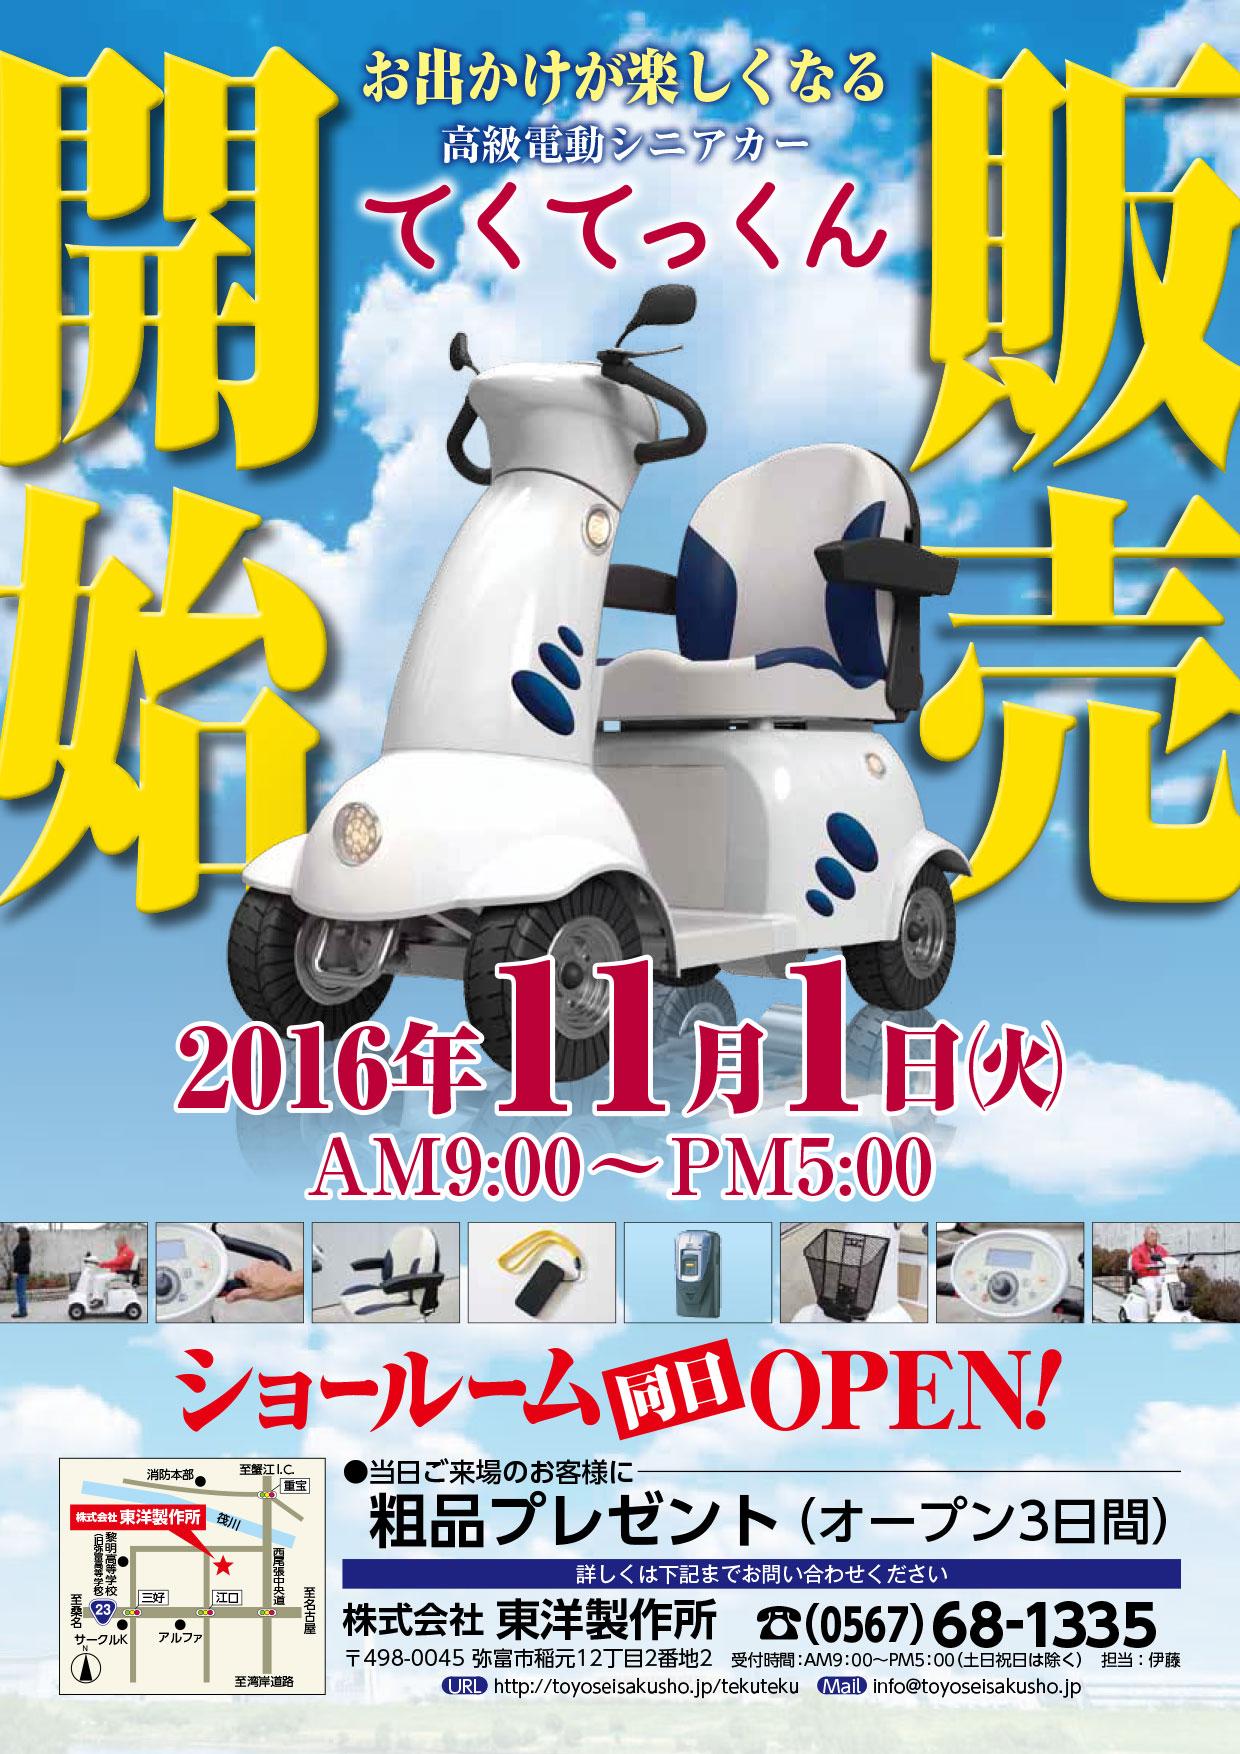 高級電動シニアカー ~てくてっくん~ 販売開始!!